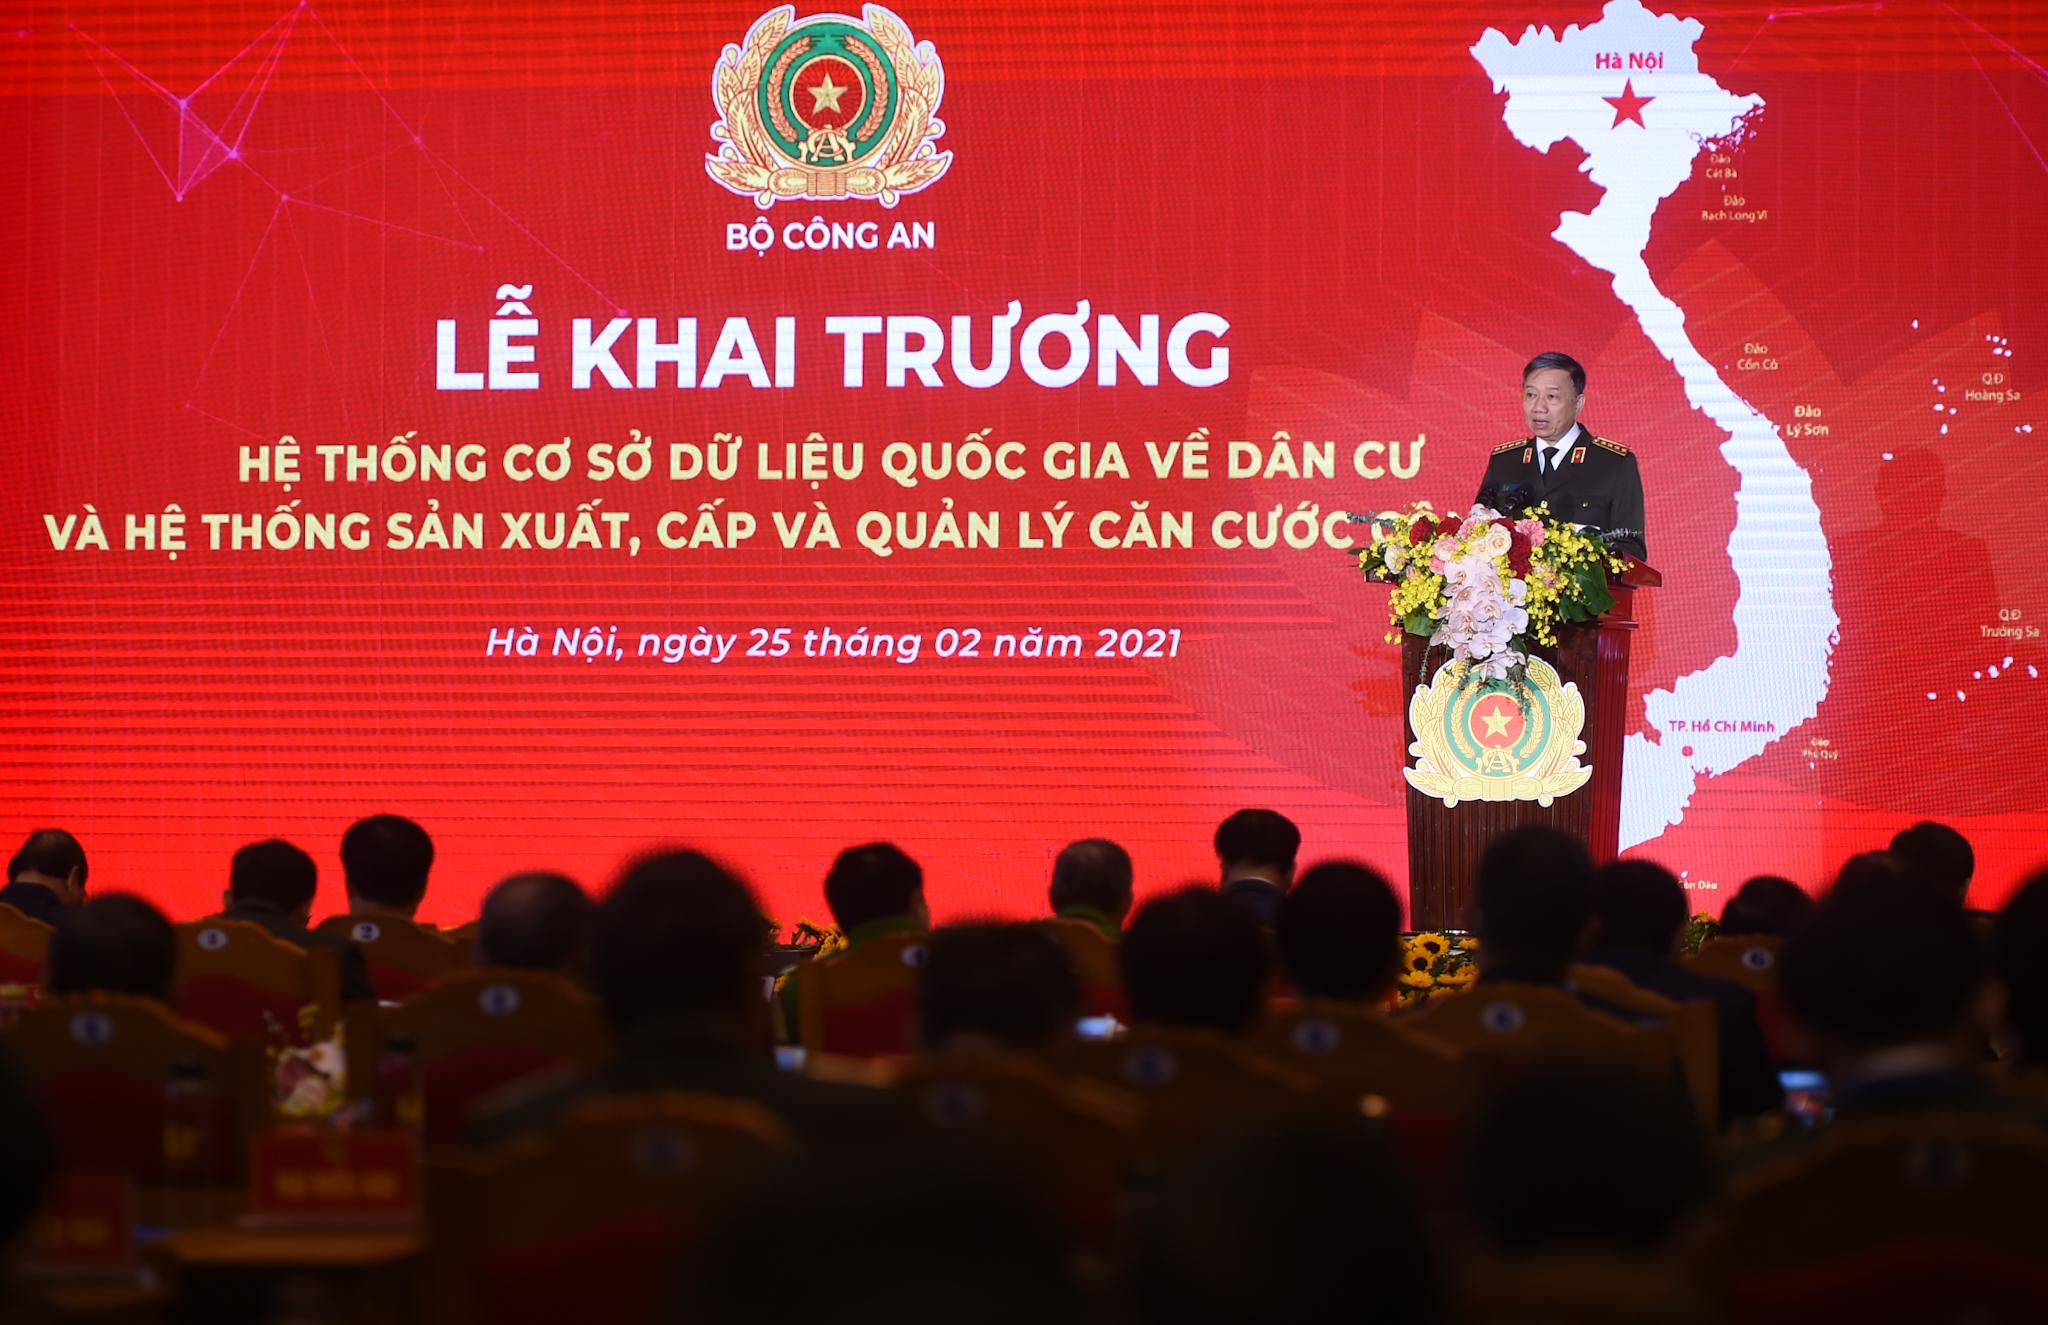 Đại tướng Tô Lâm, Bộ trưởng Bộ Công an phát biểu tại buổi lễ. Ảnh VGP/Quang Hiếu